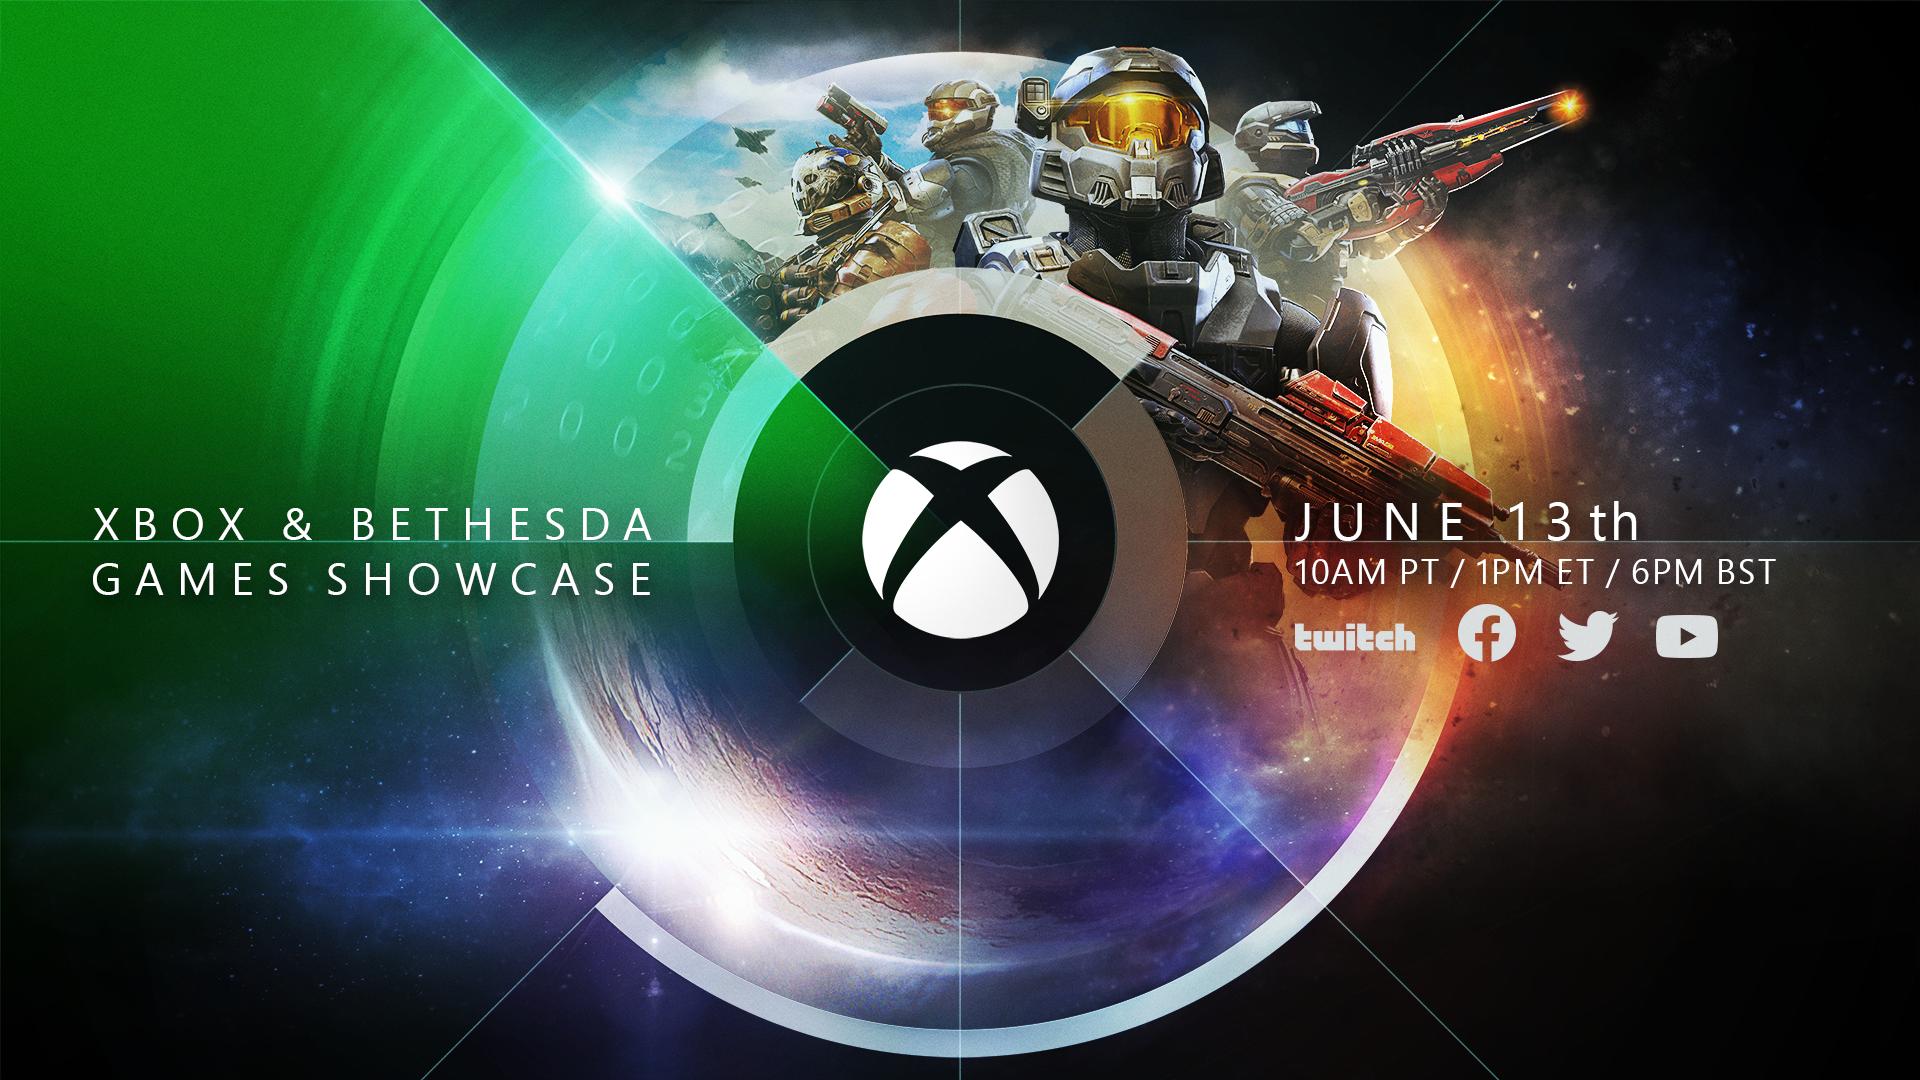 Oficiálny plagát k prezentácii Xboxu a Bethesdy obsahuje odkazy na Halo a Starfield.